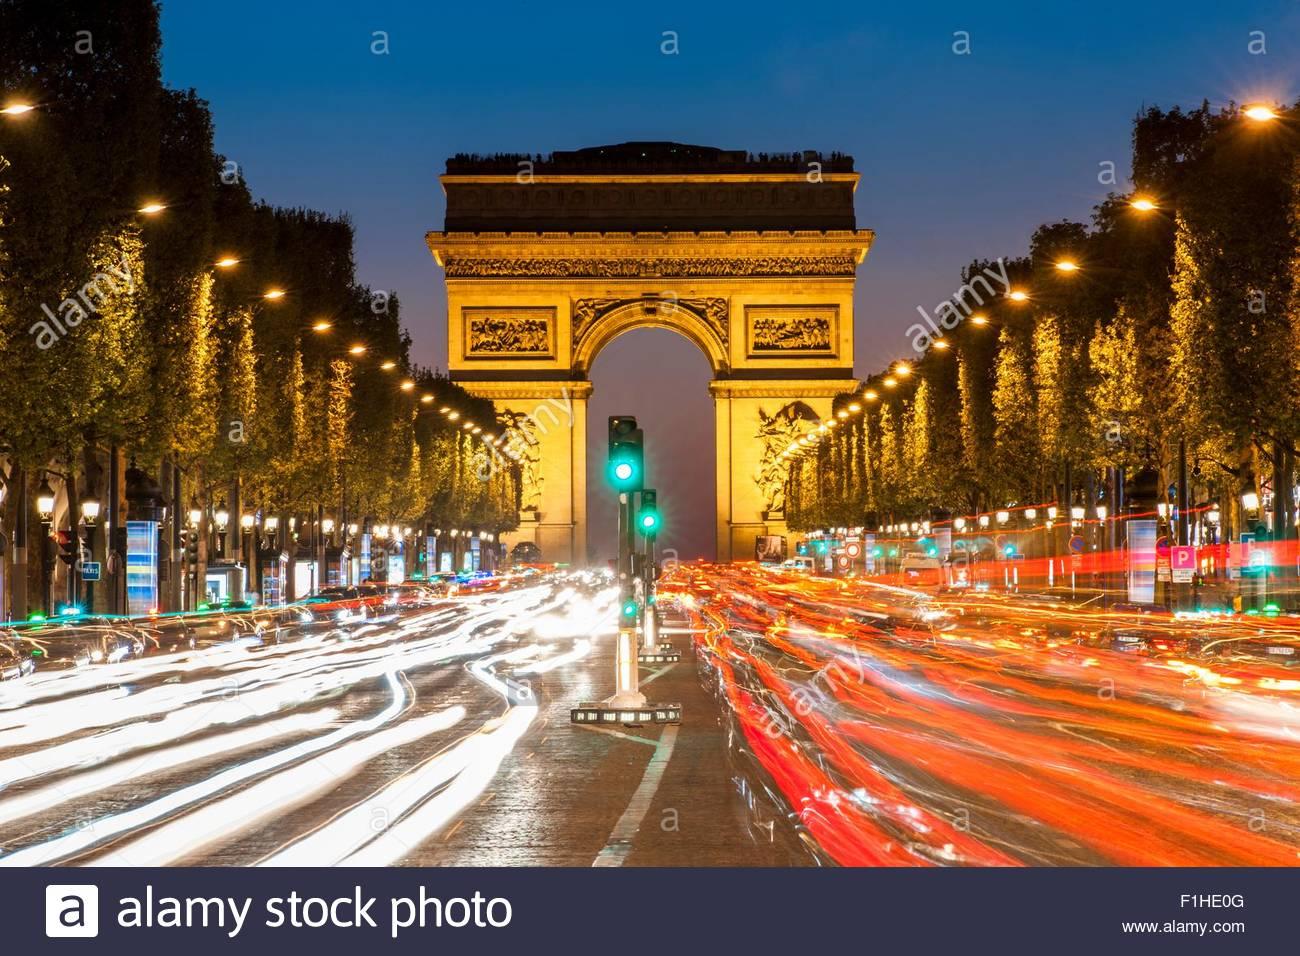 Vista del tráfico en frente del Arco del Triunfo en la noche, París, Francia Imagen De Stock